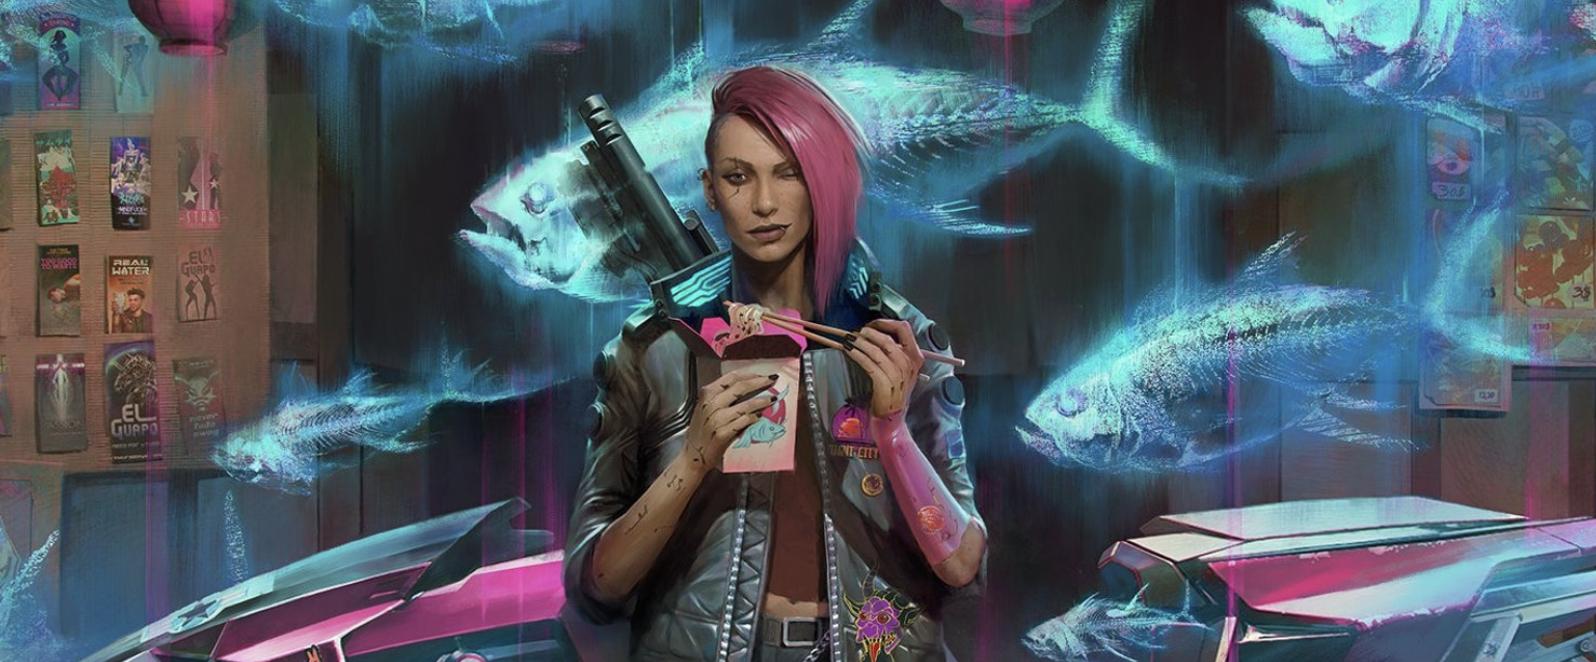 Cyberpunk 2077 Update 1.2